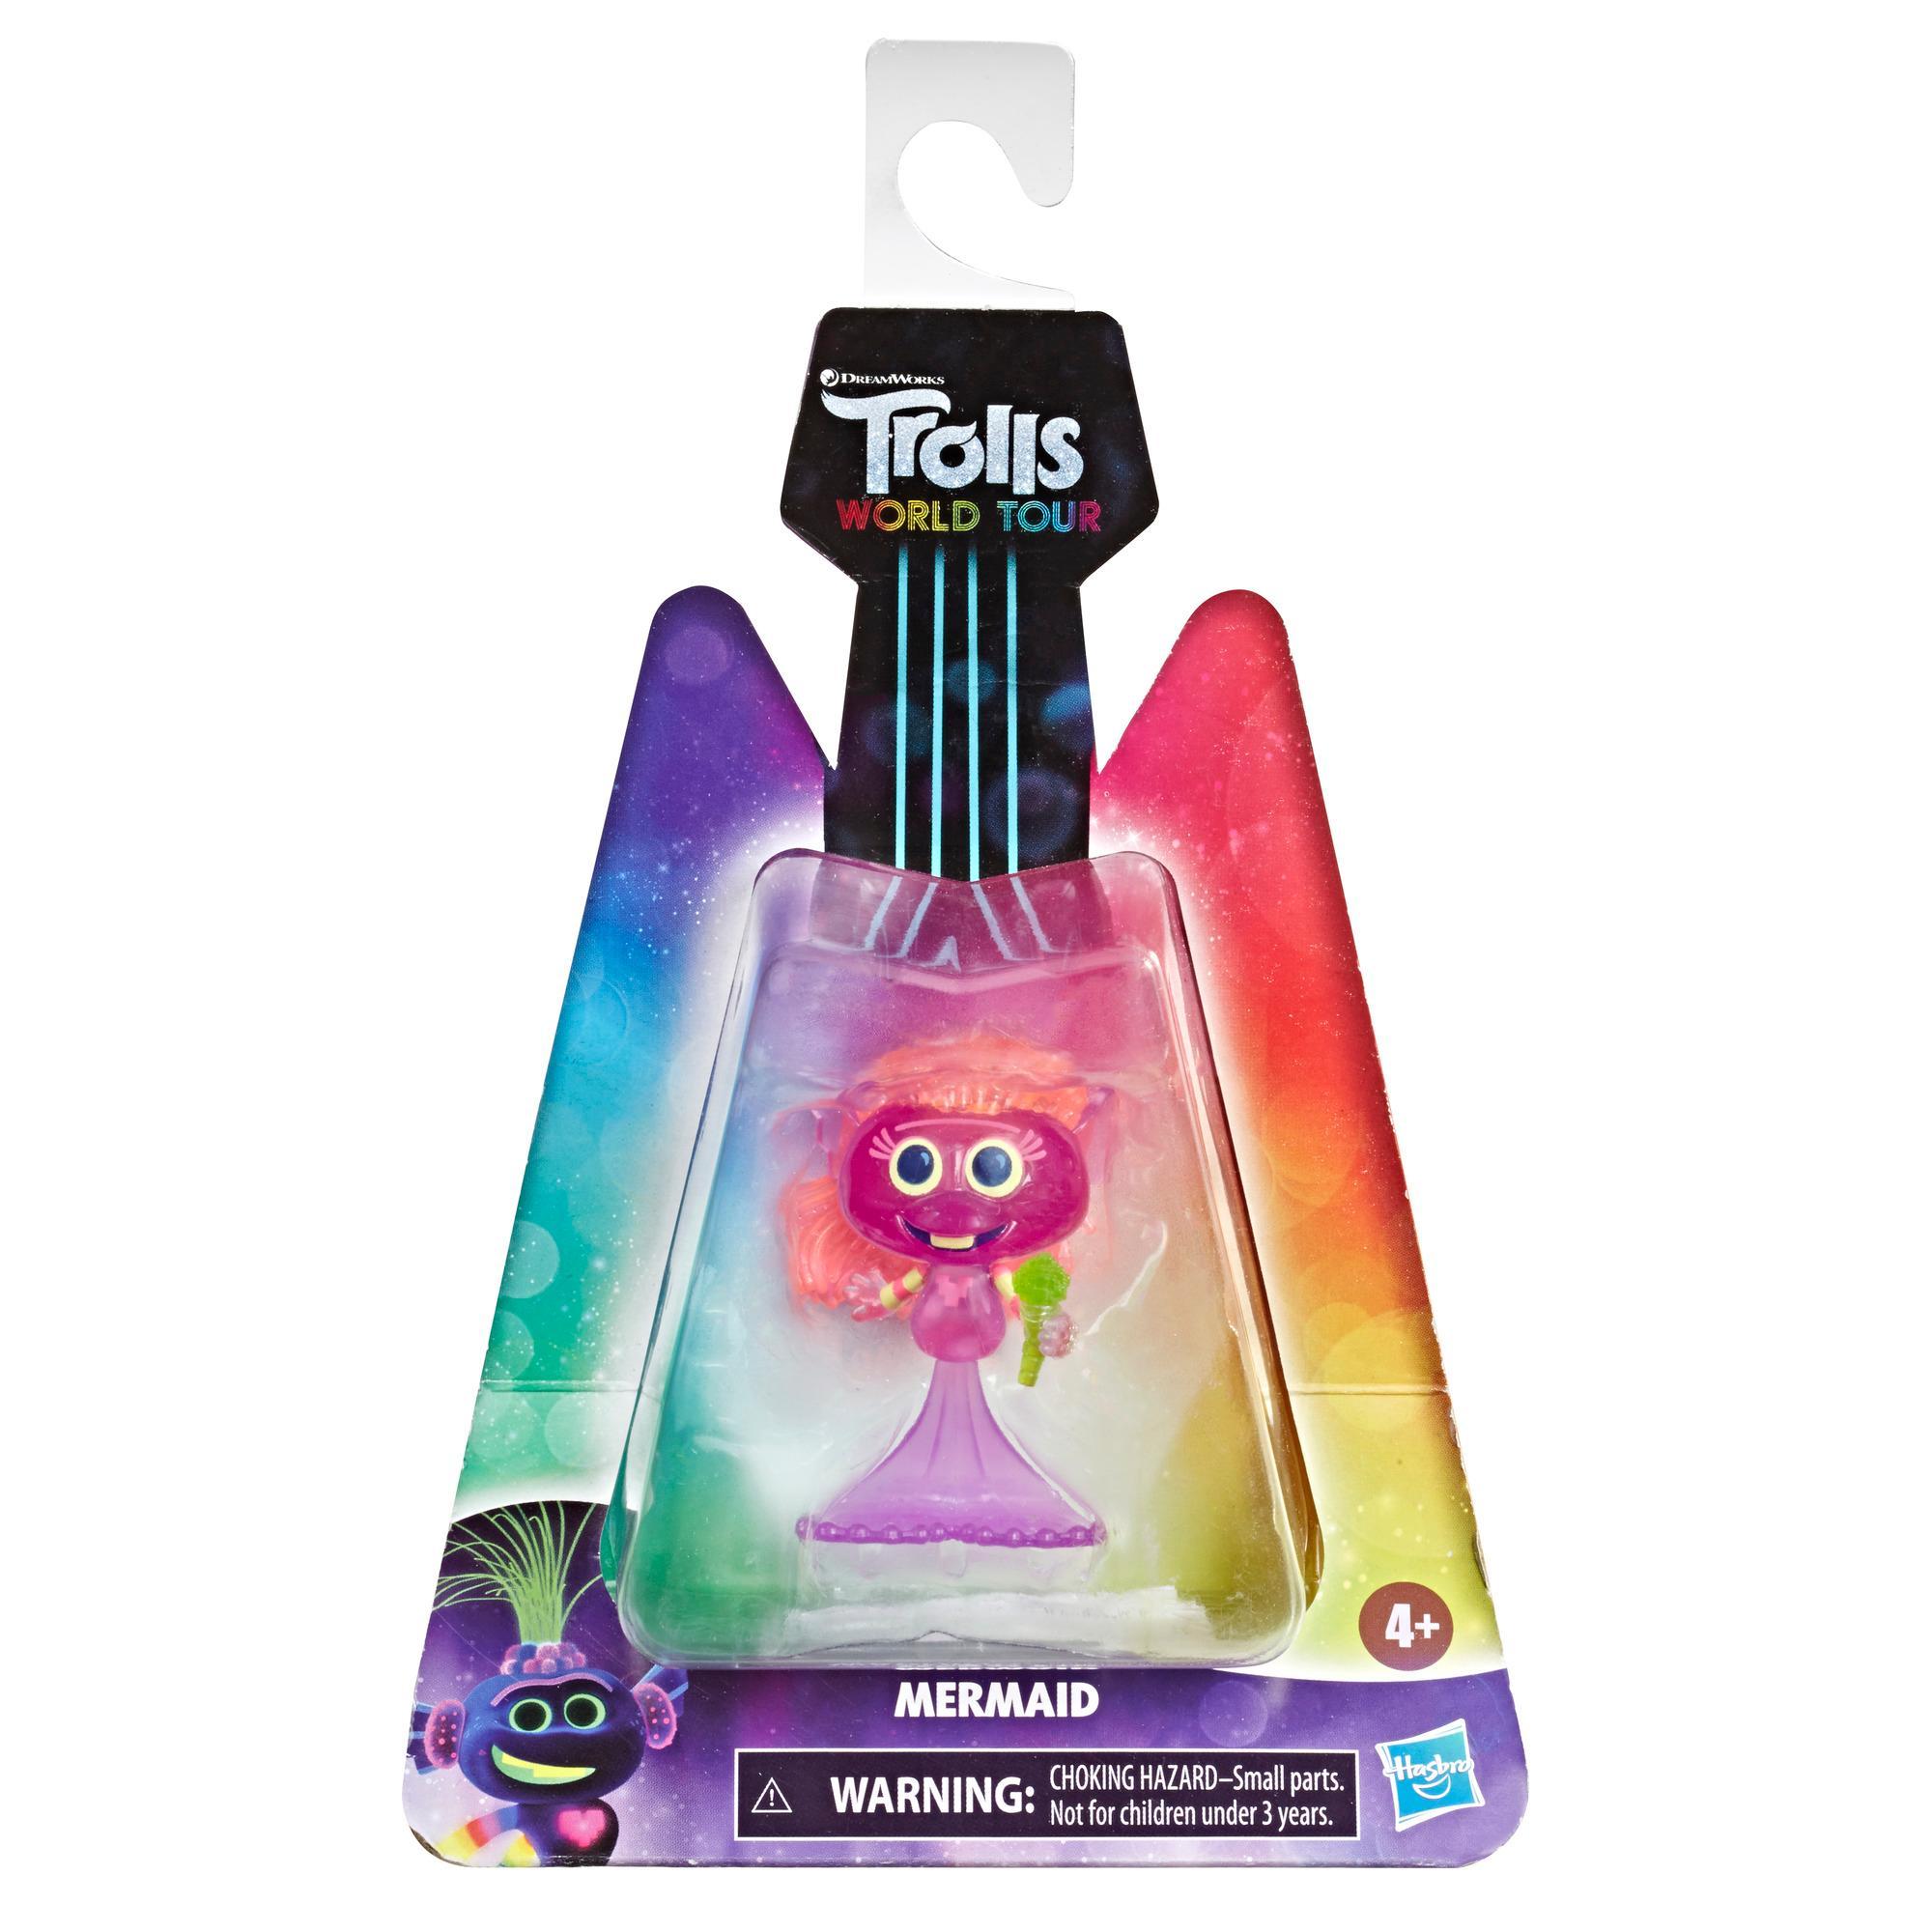 DreamWorks Trolls da DreamWorks - Sereia com microfone, com inspiração no filme Trolls World Tour